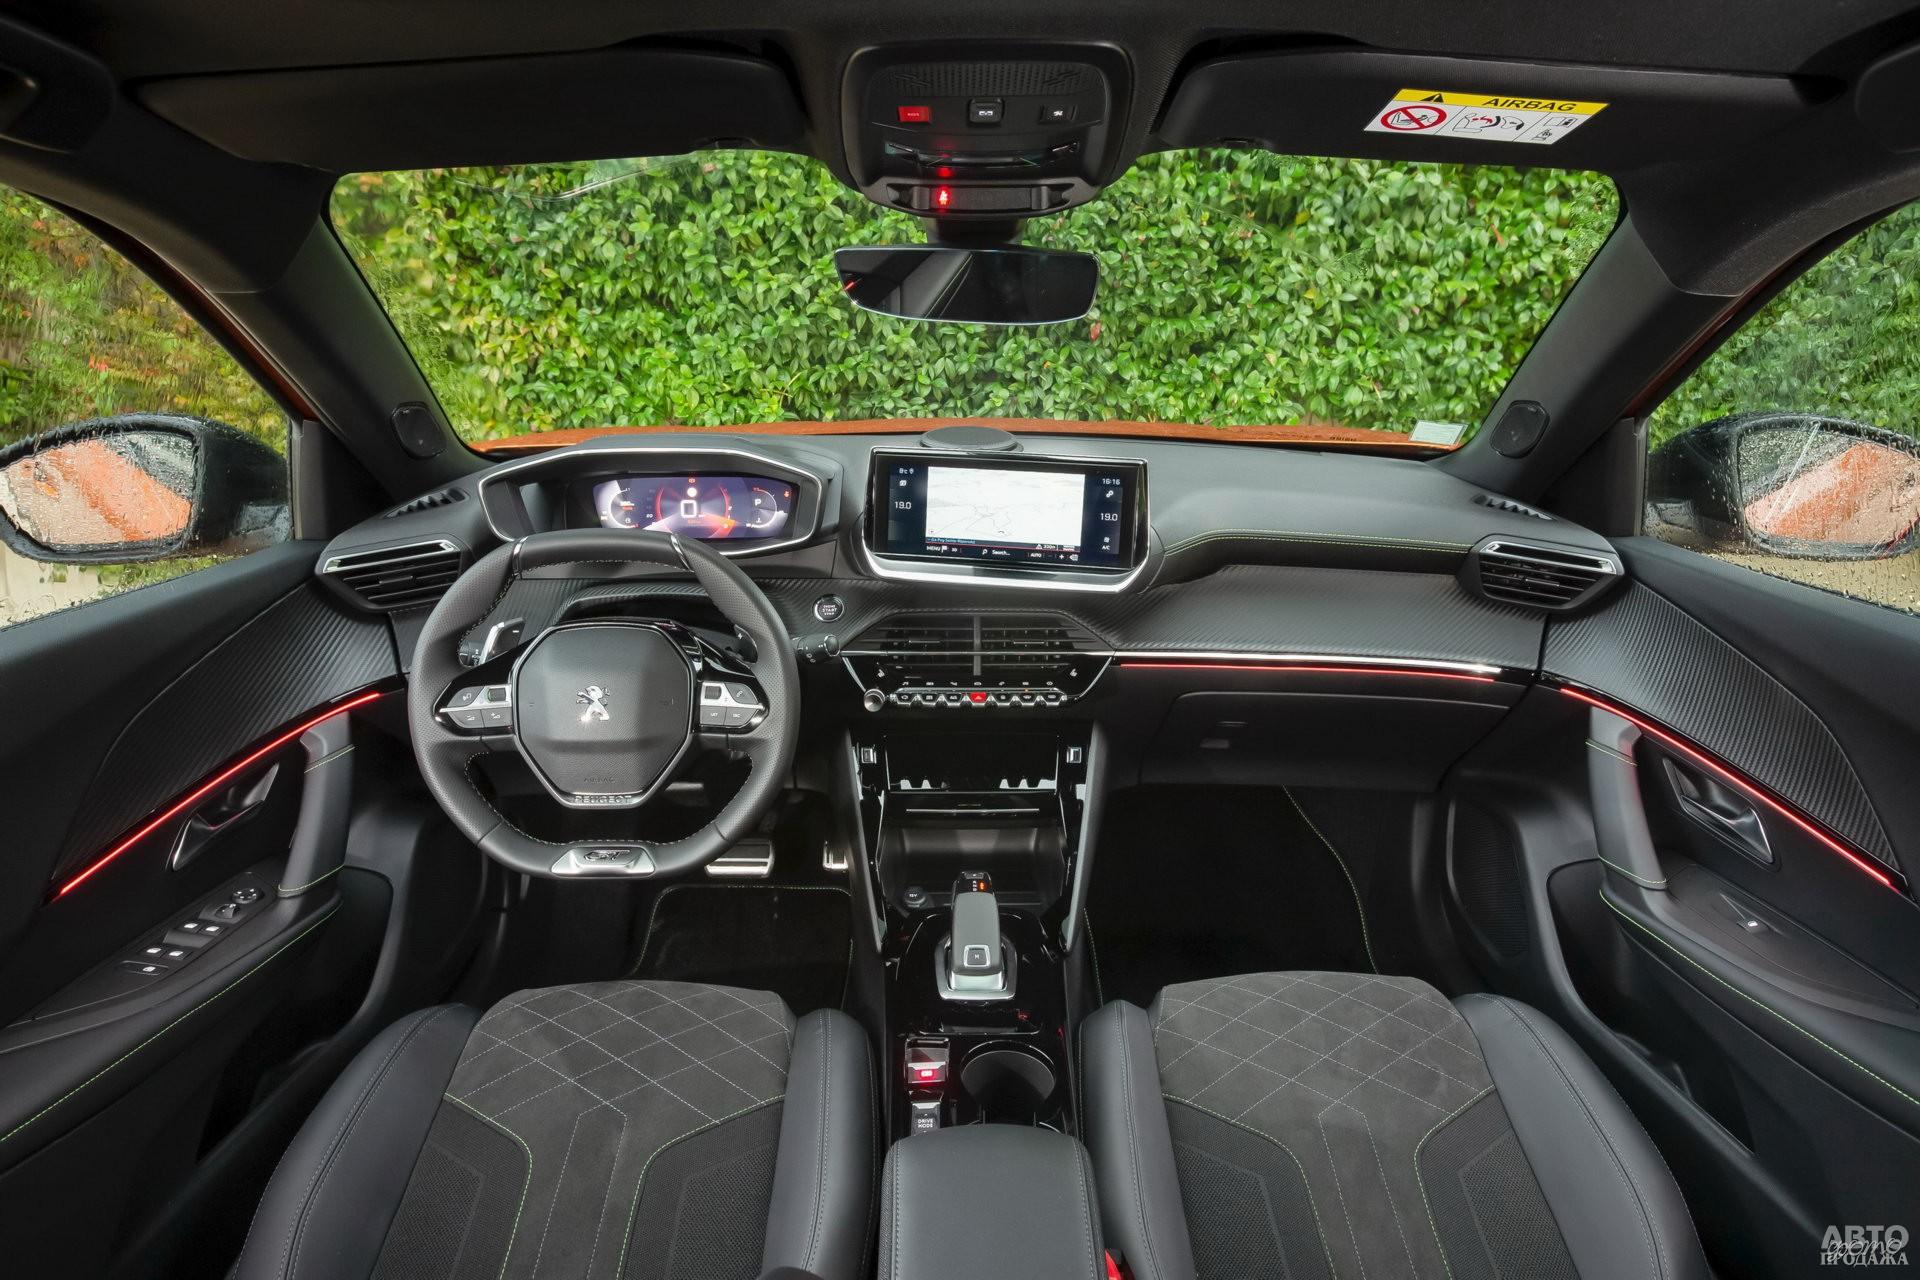 Показания приборов Peugeot выведены на дисплей